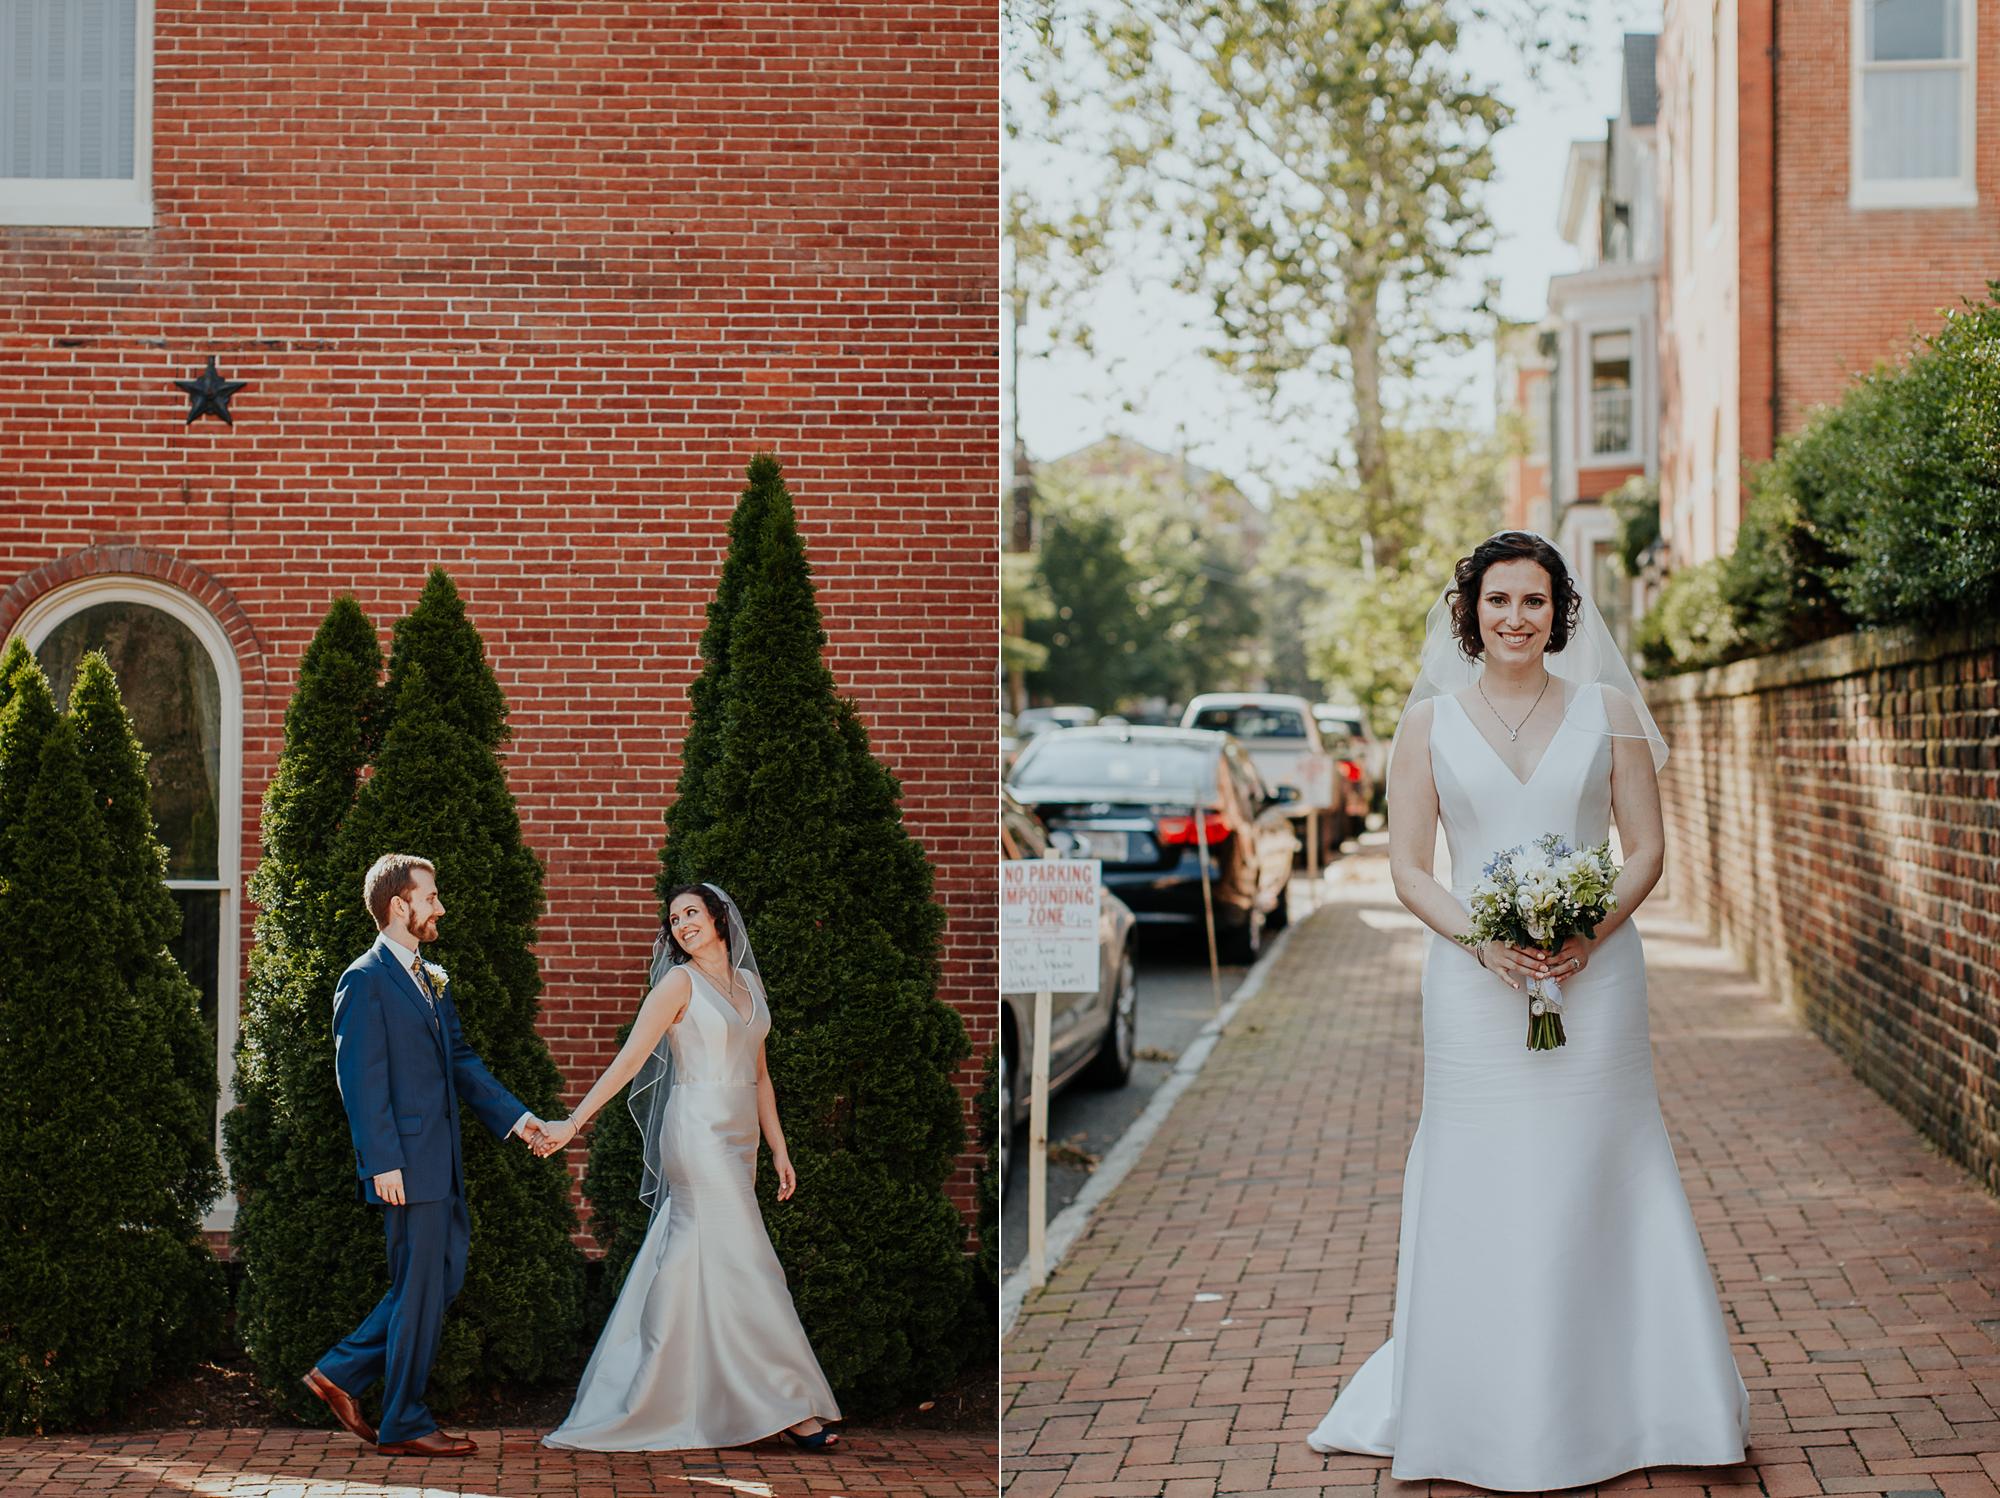 070-annapolis_courthouse_wedding.jpg